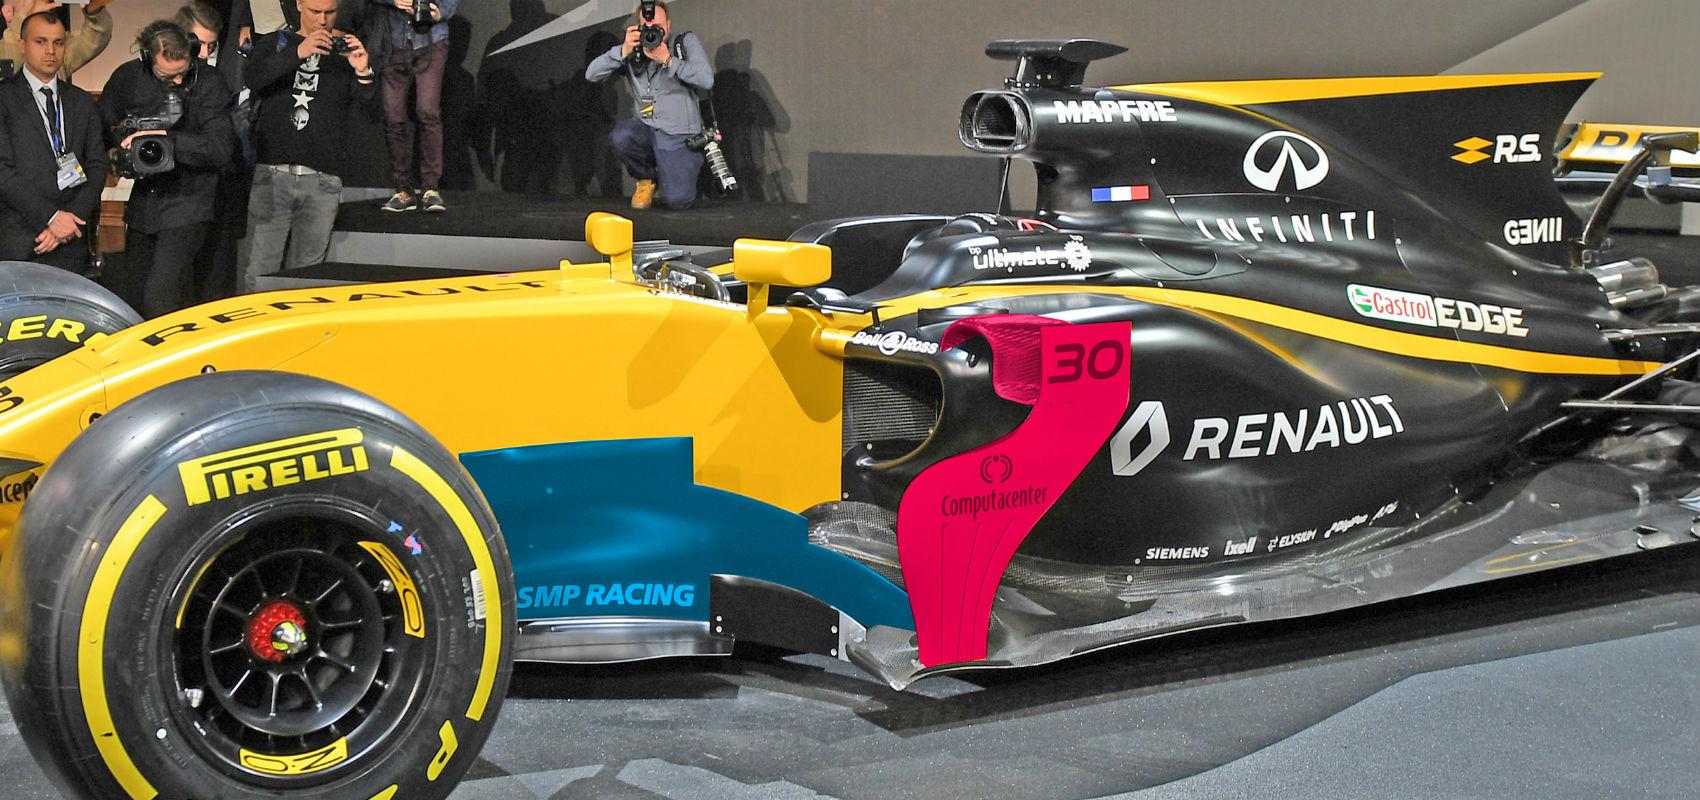 EQUIPO RENAULT 2017: Renault presenta el RS17 en Londres Rs17-2-soymotor